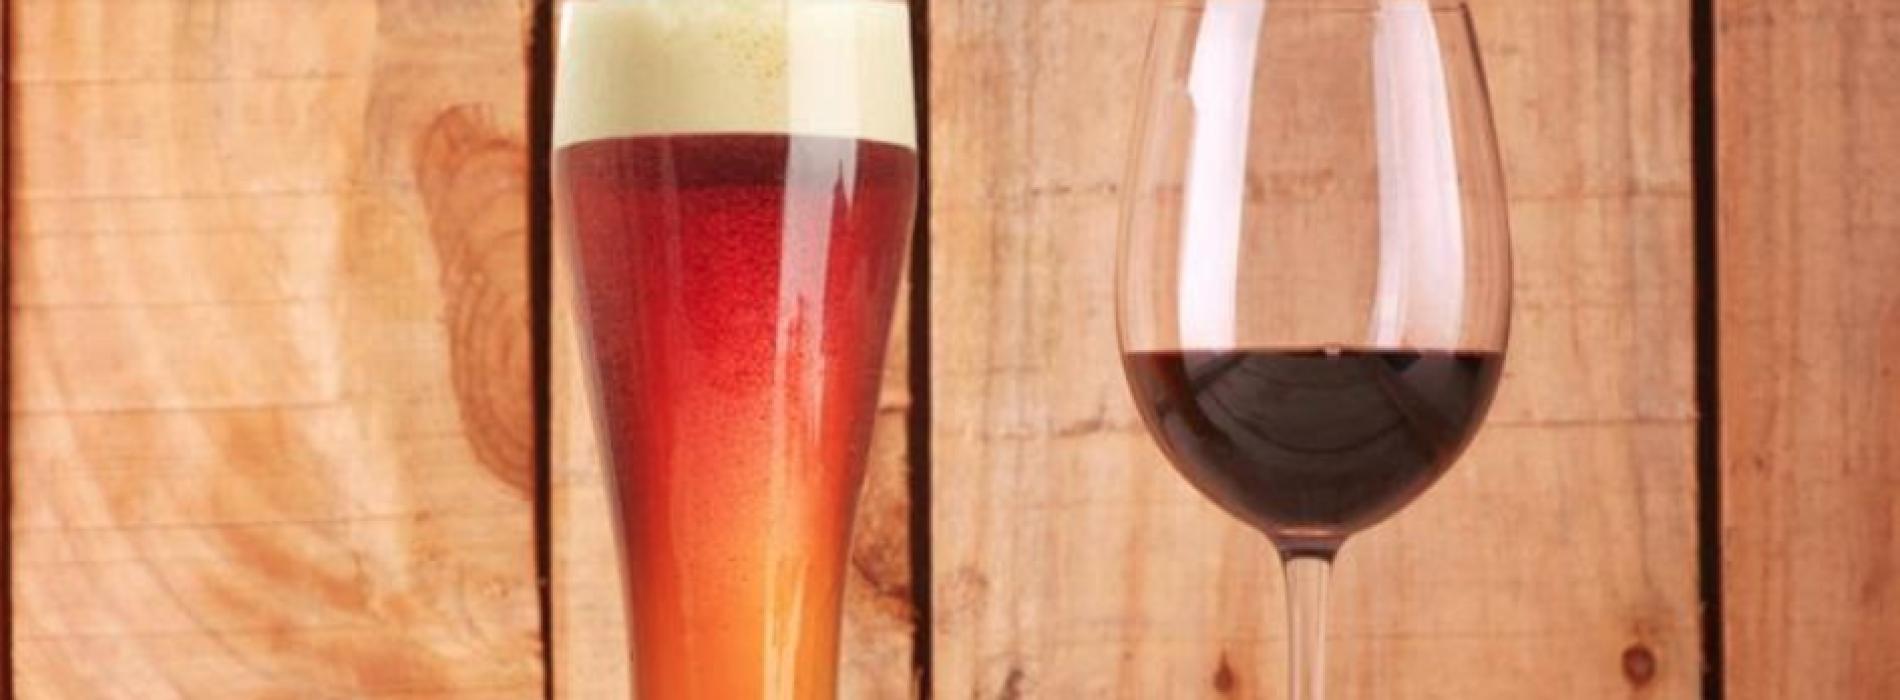 IGA ovvero Italian Grape Ale, la birra nasce da luppolo e… uva